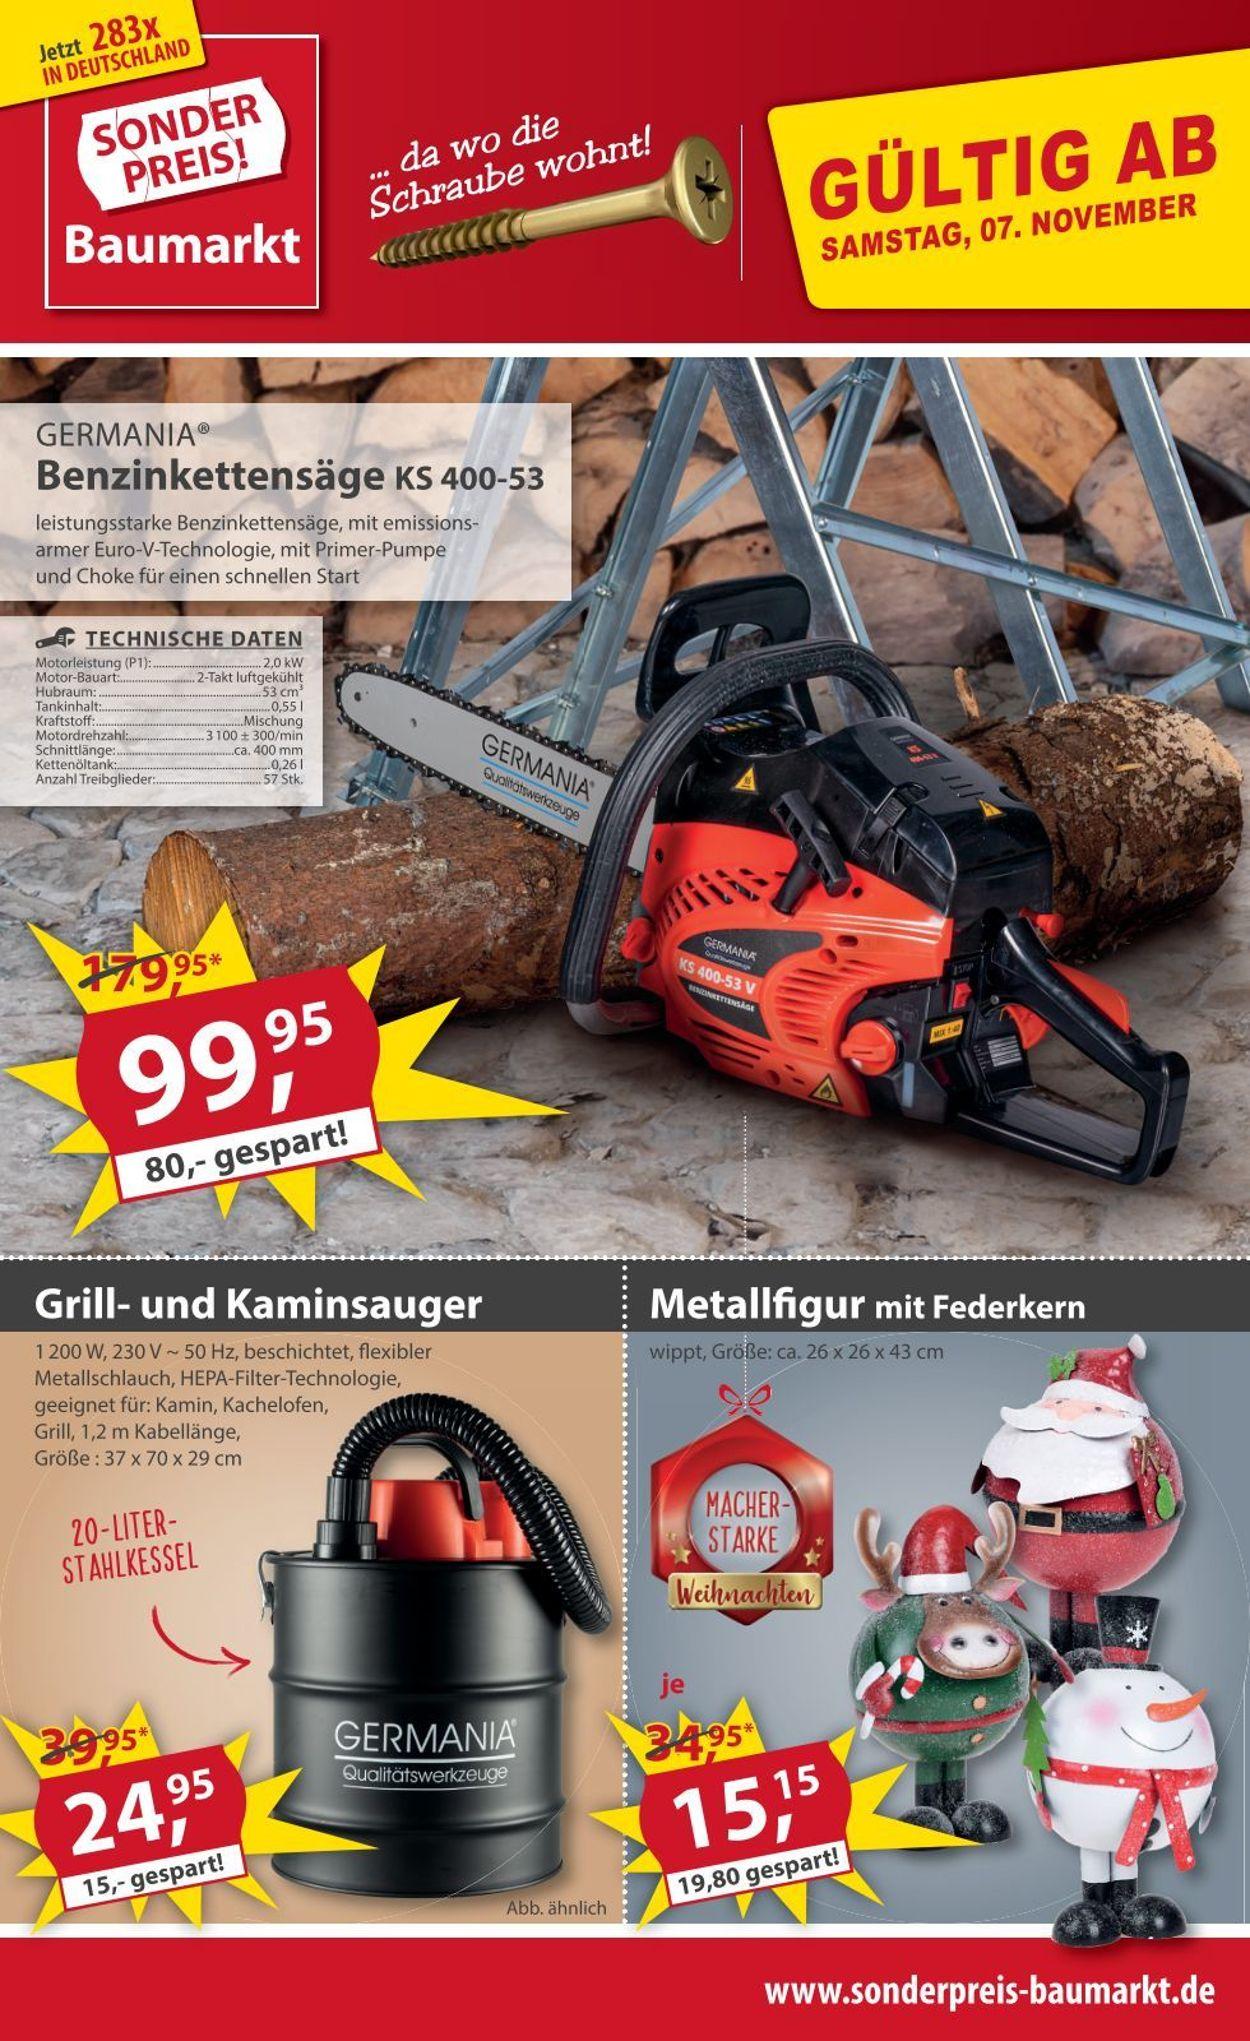 Sonderpreis Baumarkt Prospekt - Aktuell vom 07.11-13.11.2020